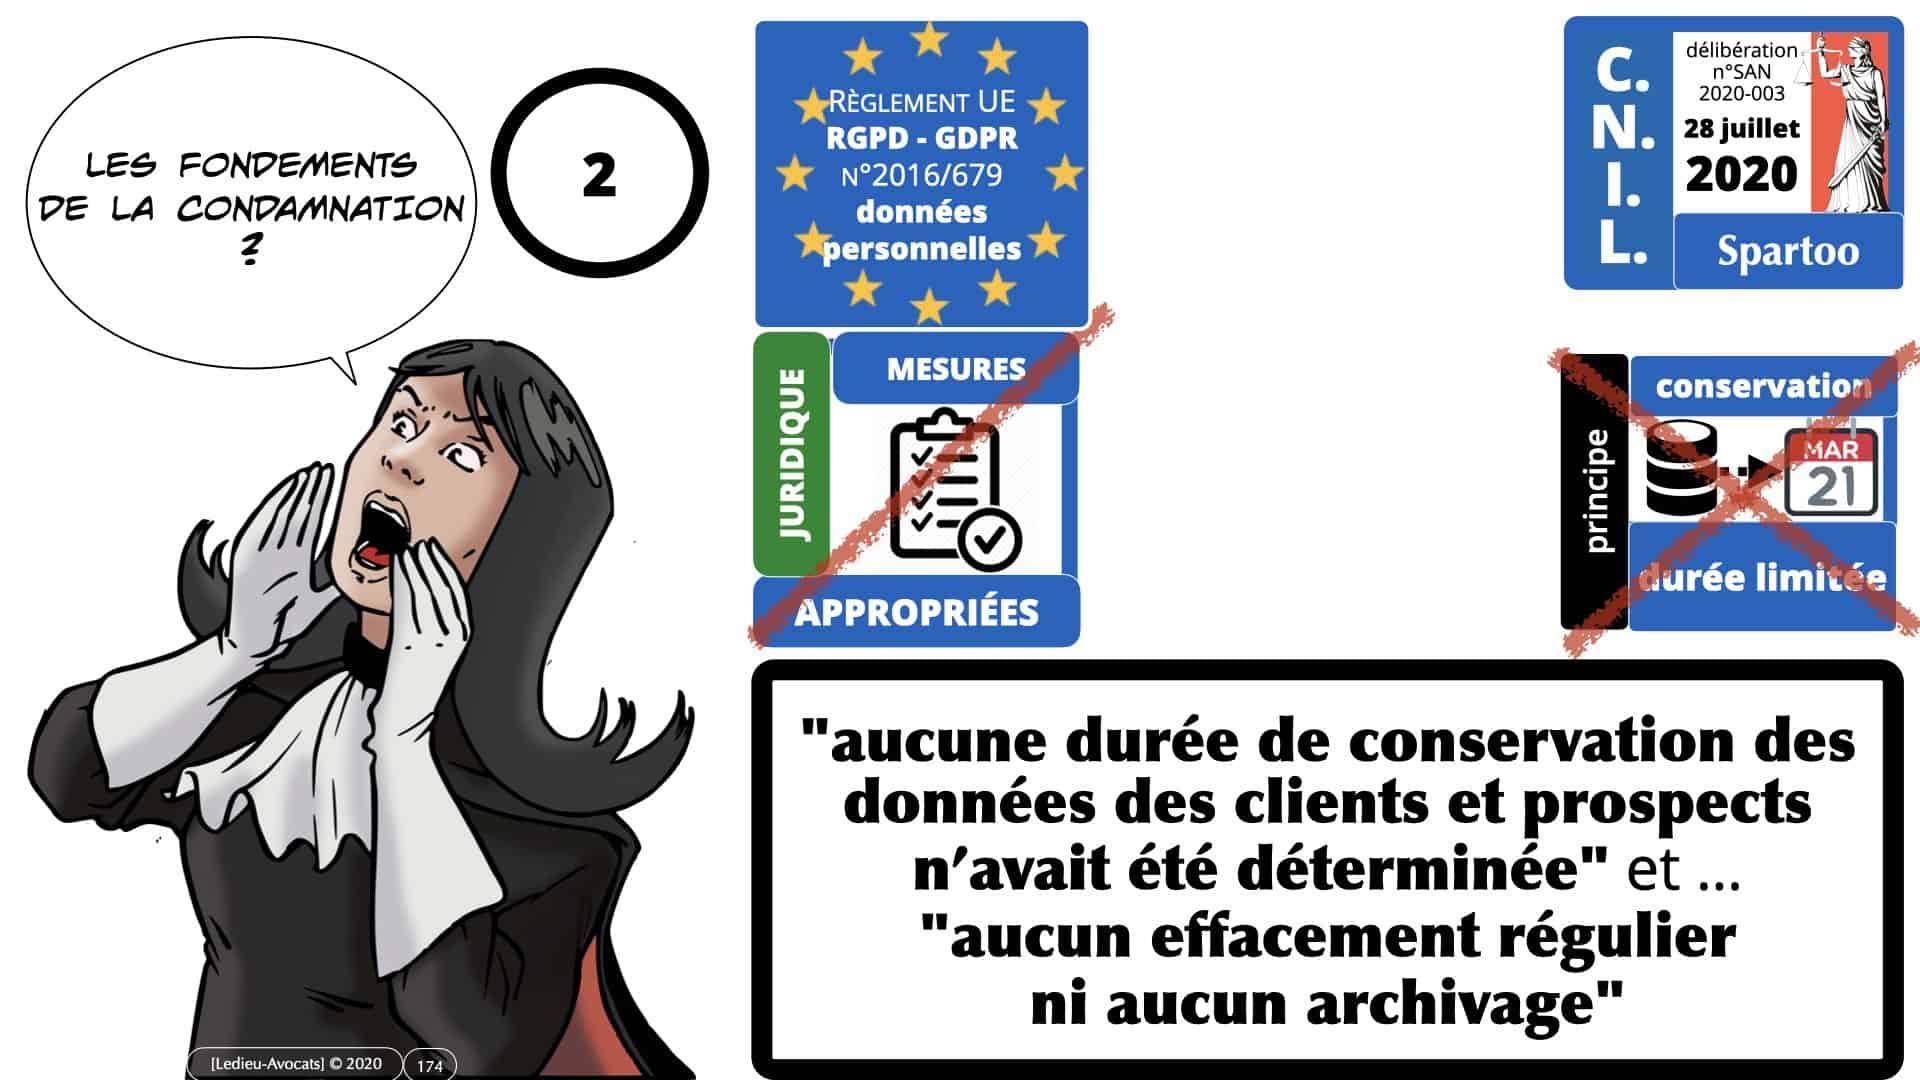 RGPD e-Privacy données personnelles jurisprudence formation Lamy Les Echos 10-02-2021 ©Ledieu-Avocats.174